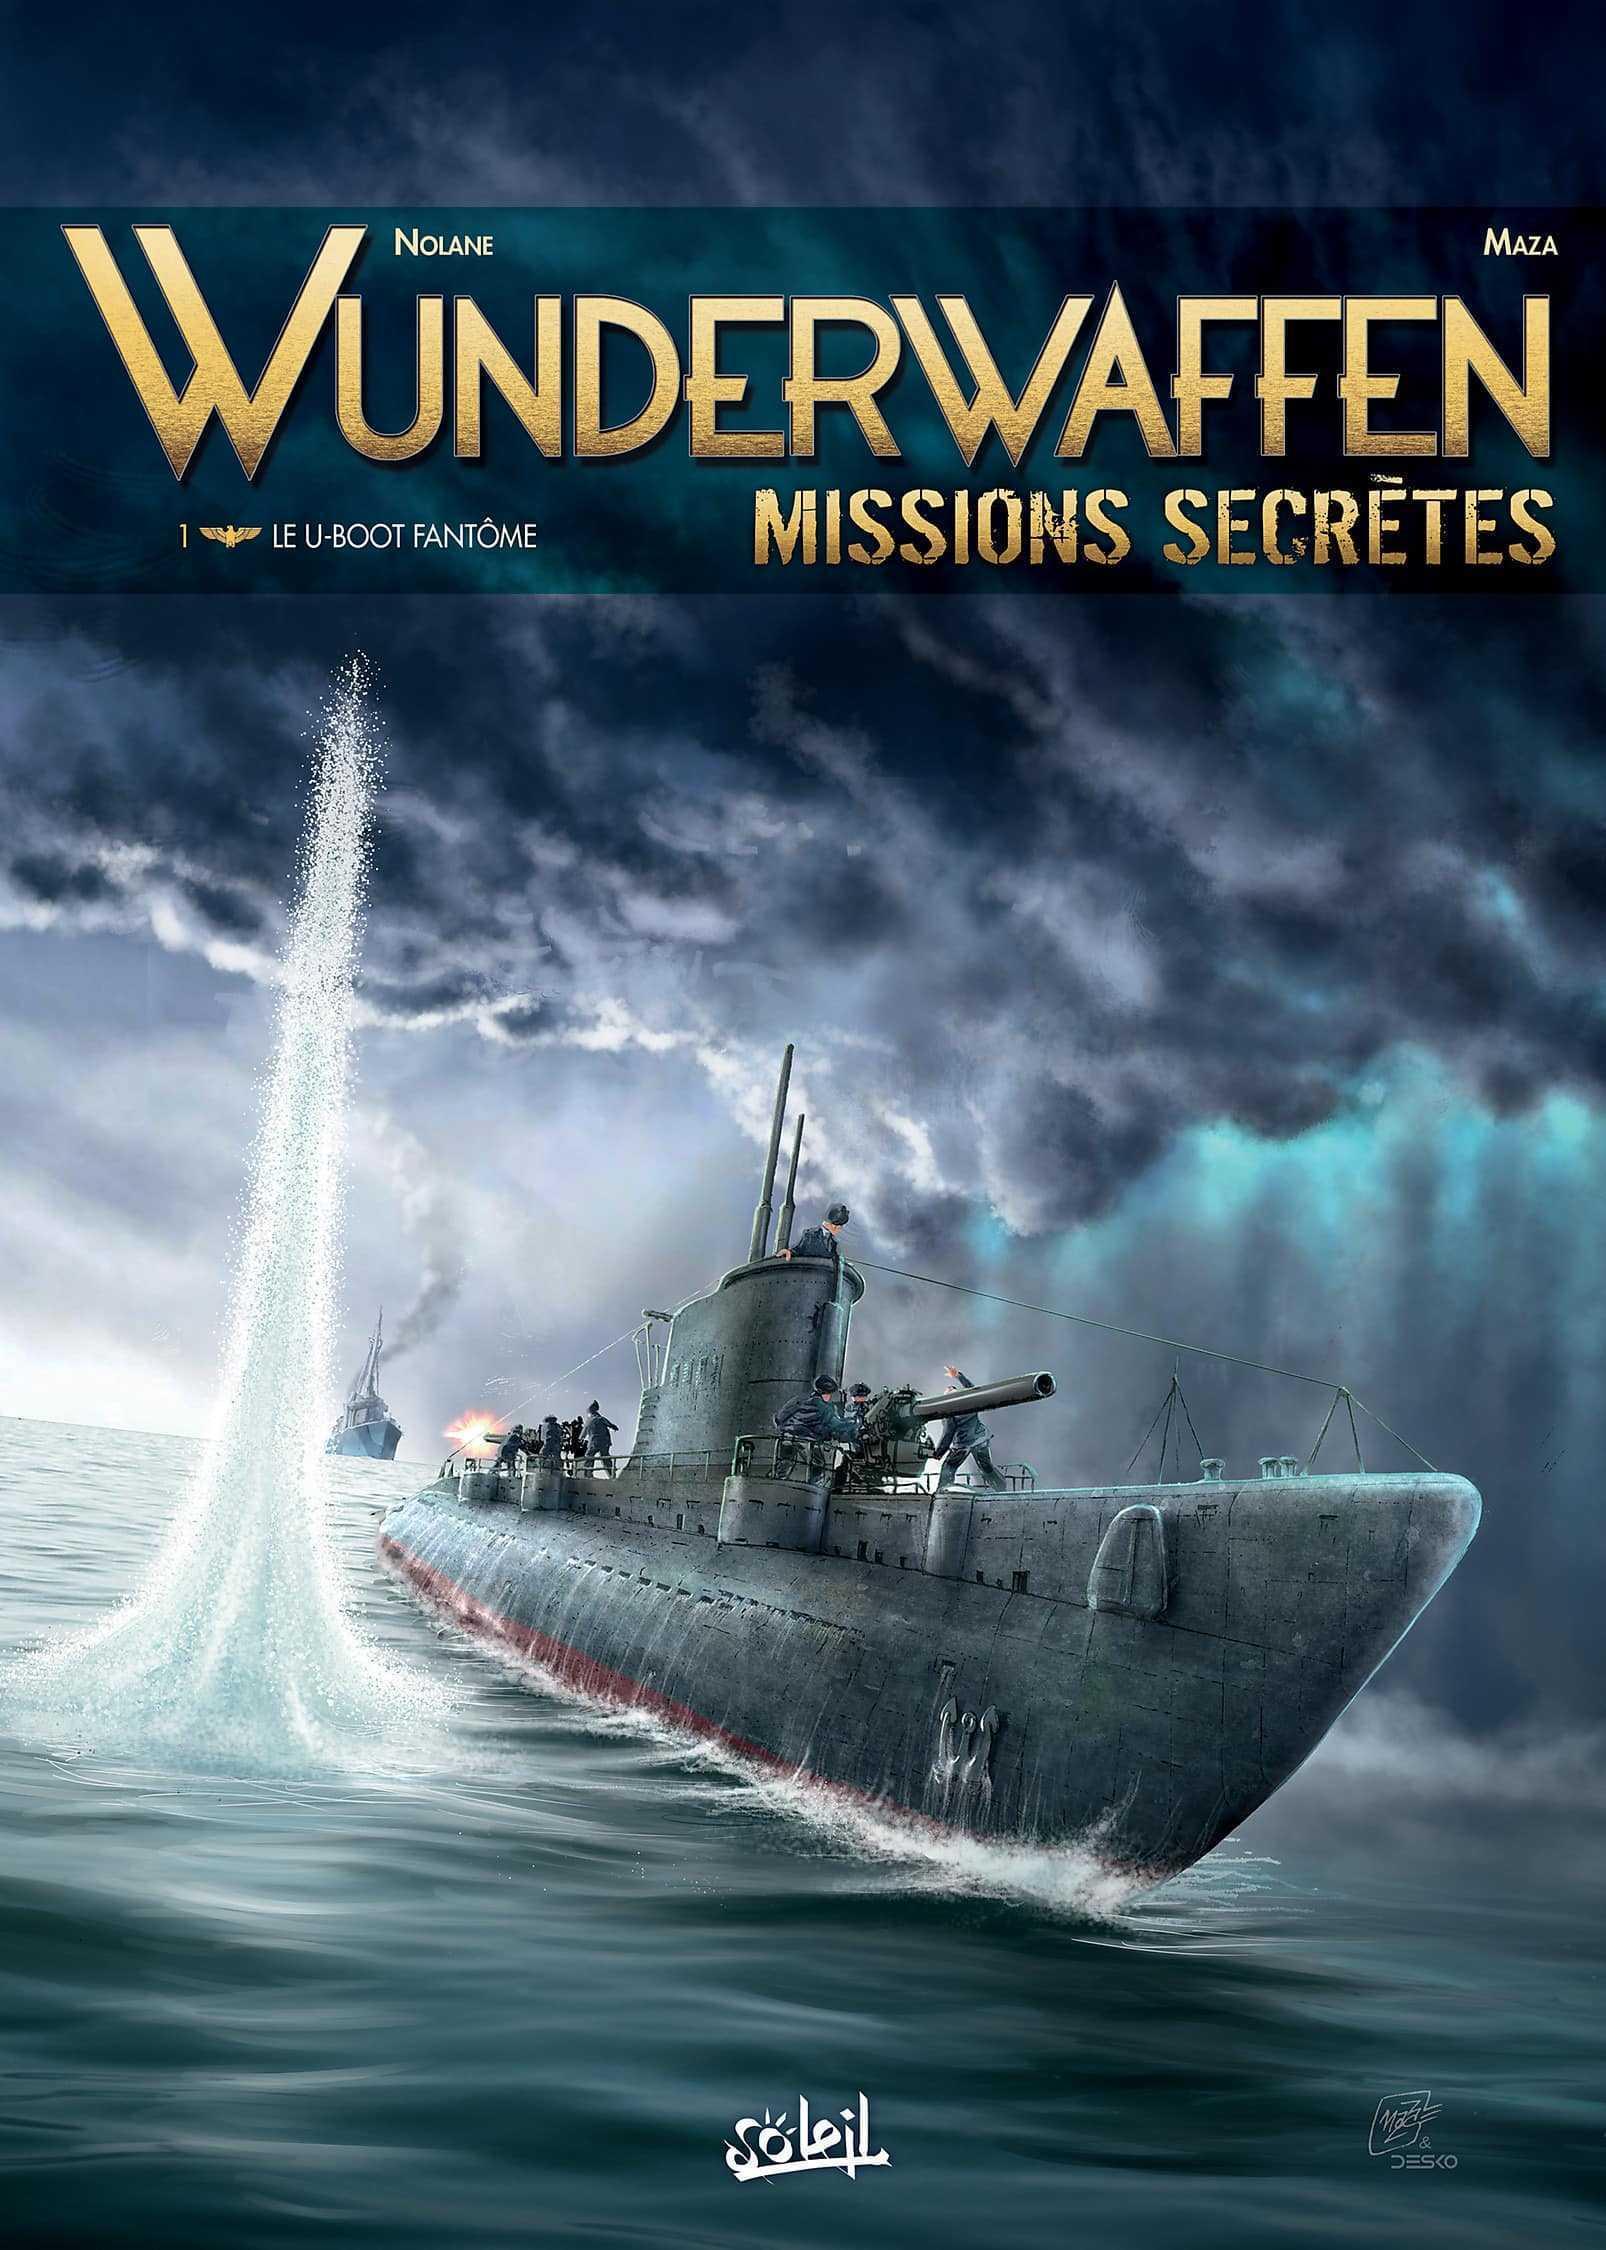 Wunderwaffen missions secrètes, en plongée